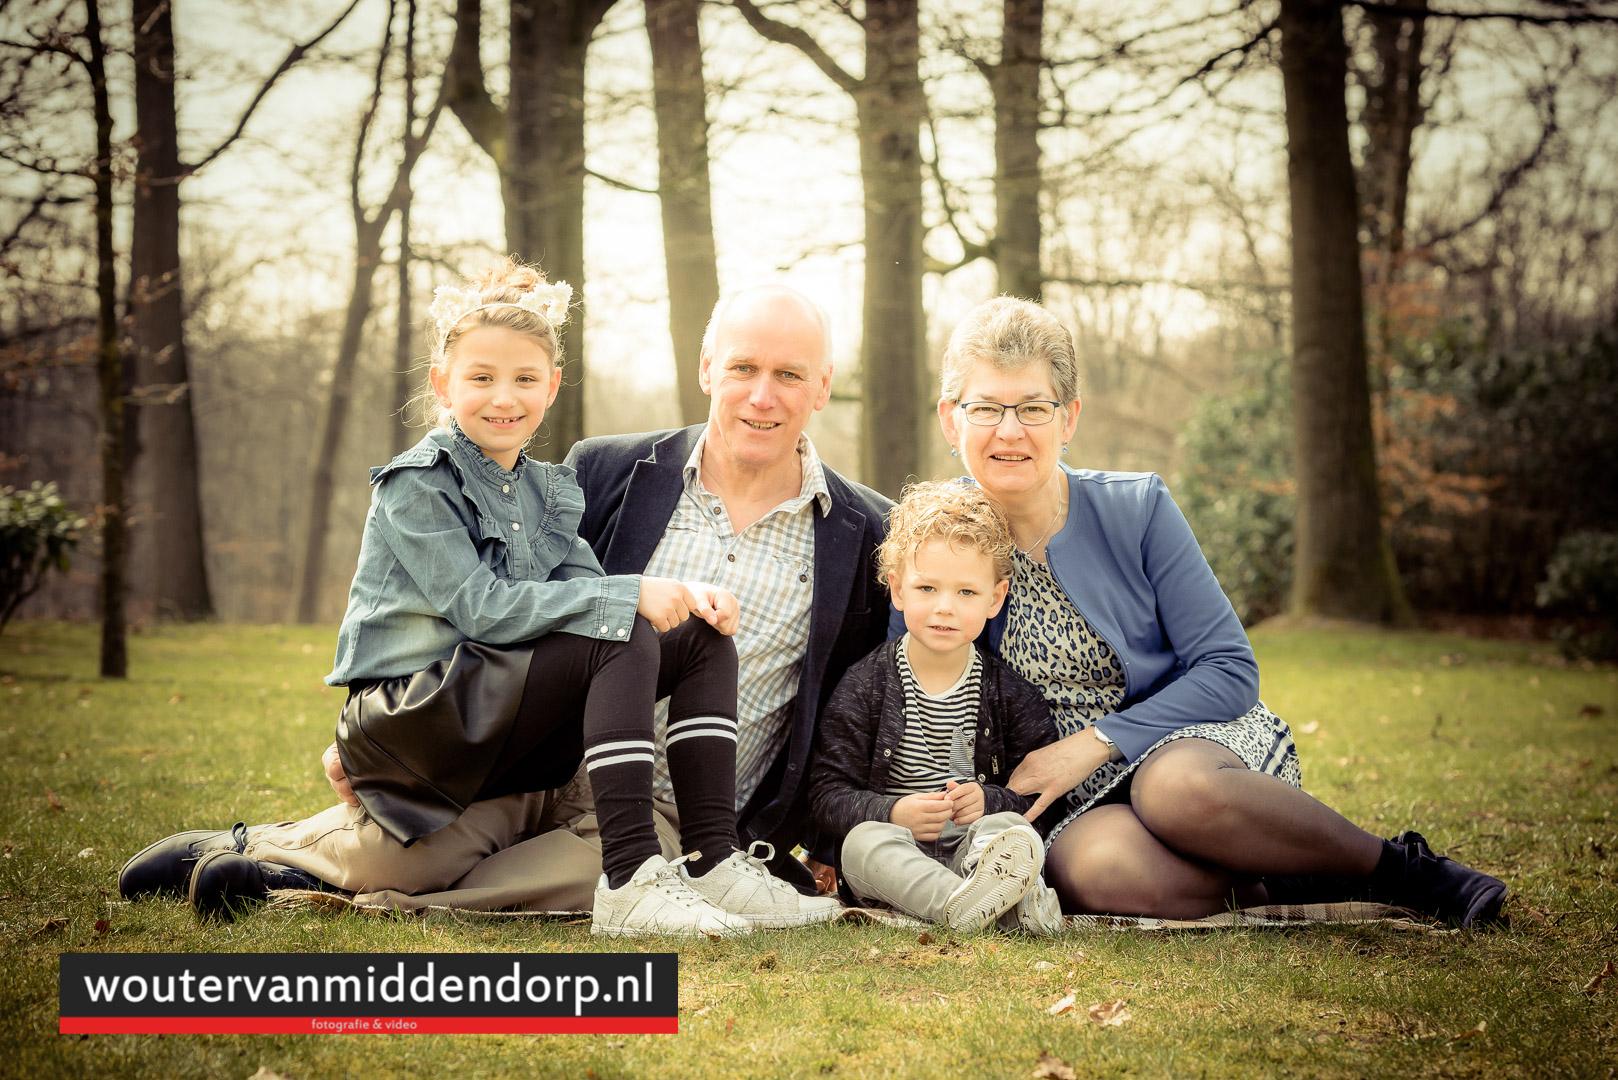 fotografie Wouter van Middendorp-2